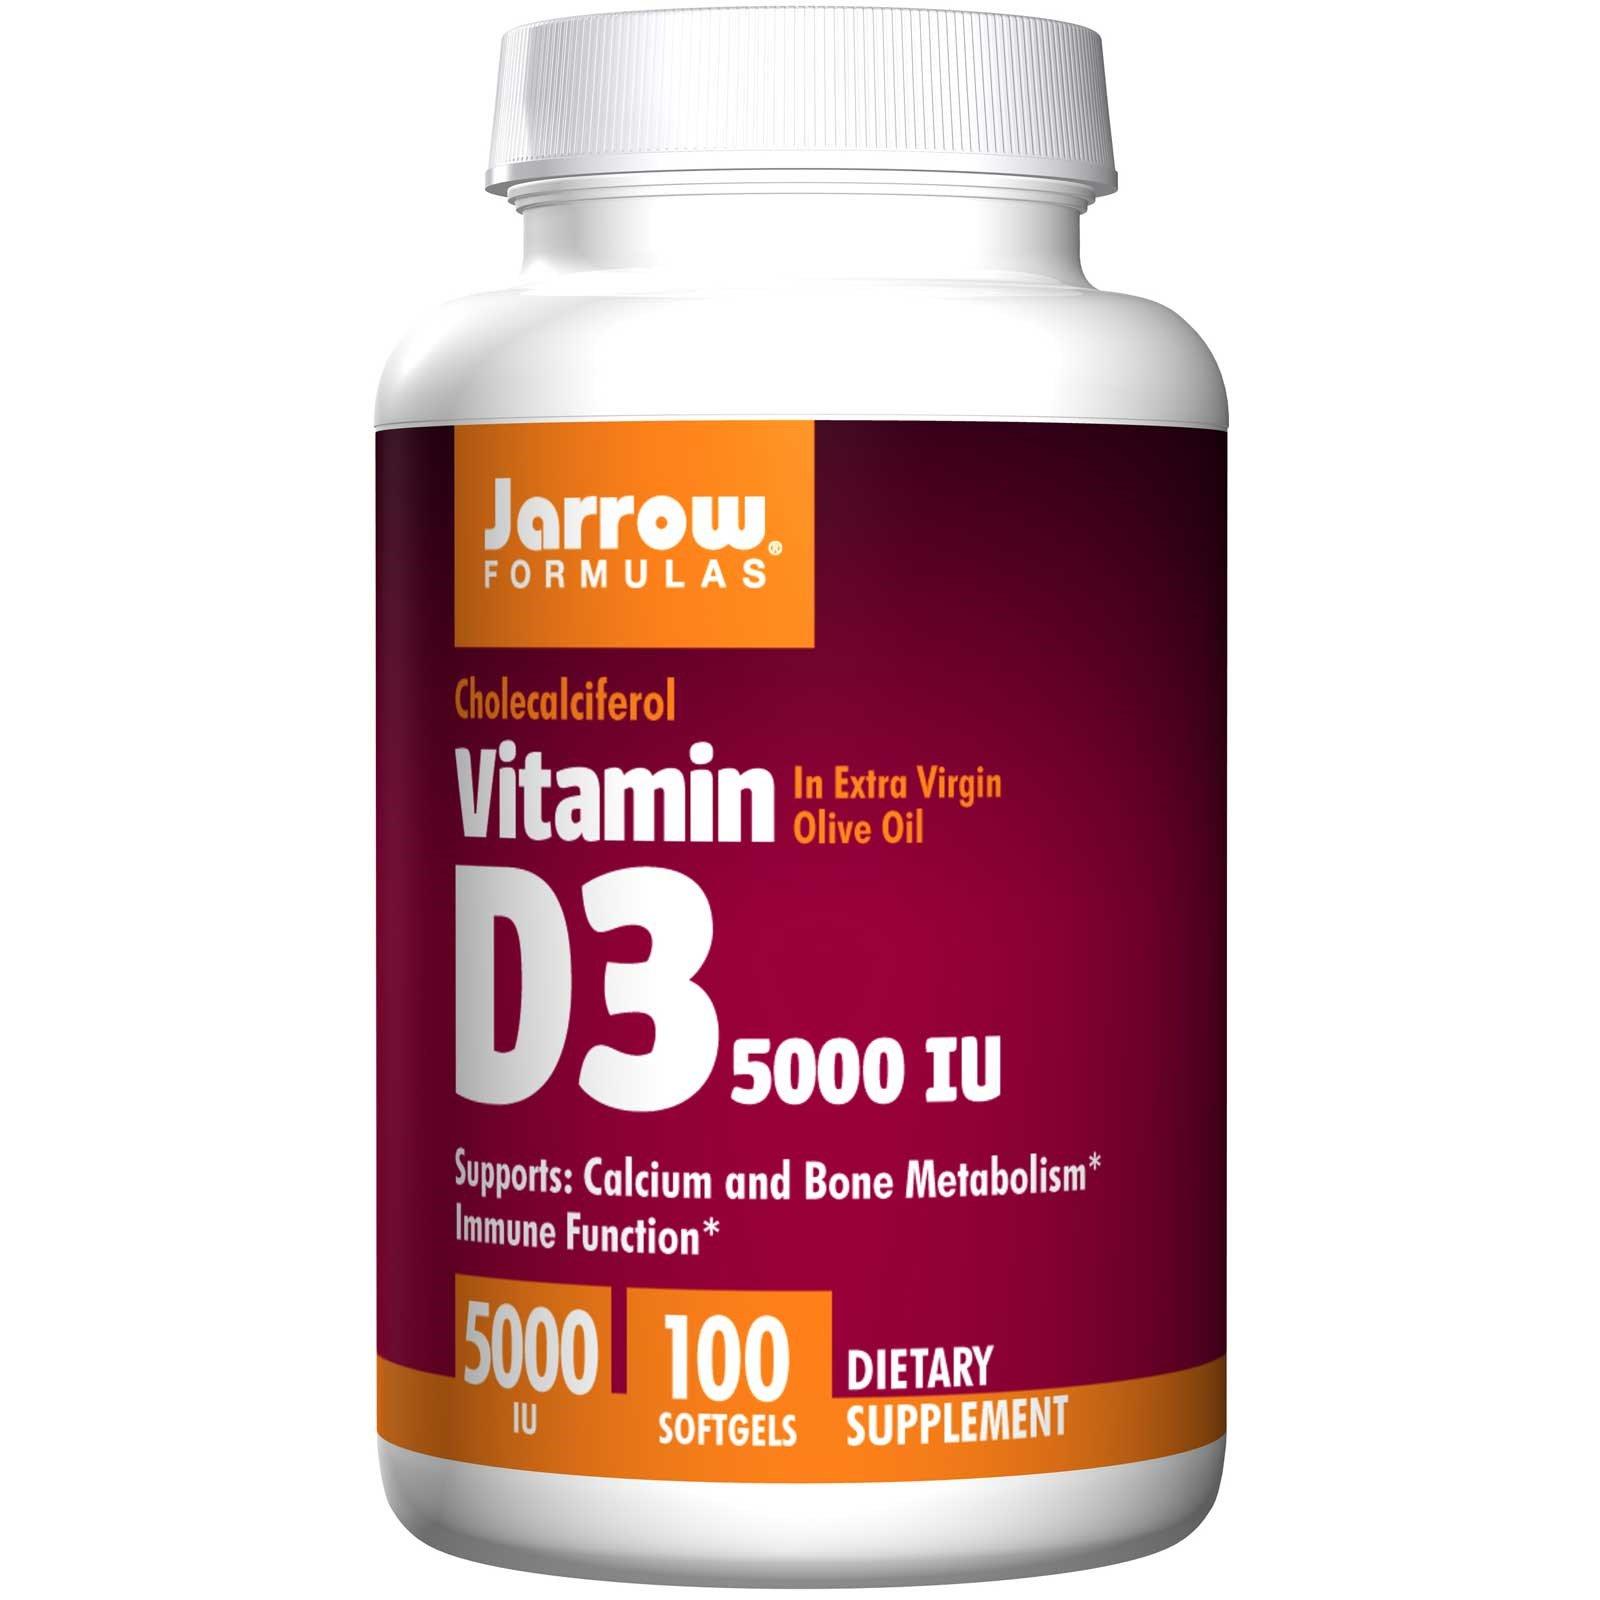 jarrow formulas vitamin d3 5000 iu 100 softgels. Black Bedroom Furniture Sets. Home Design Ideas